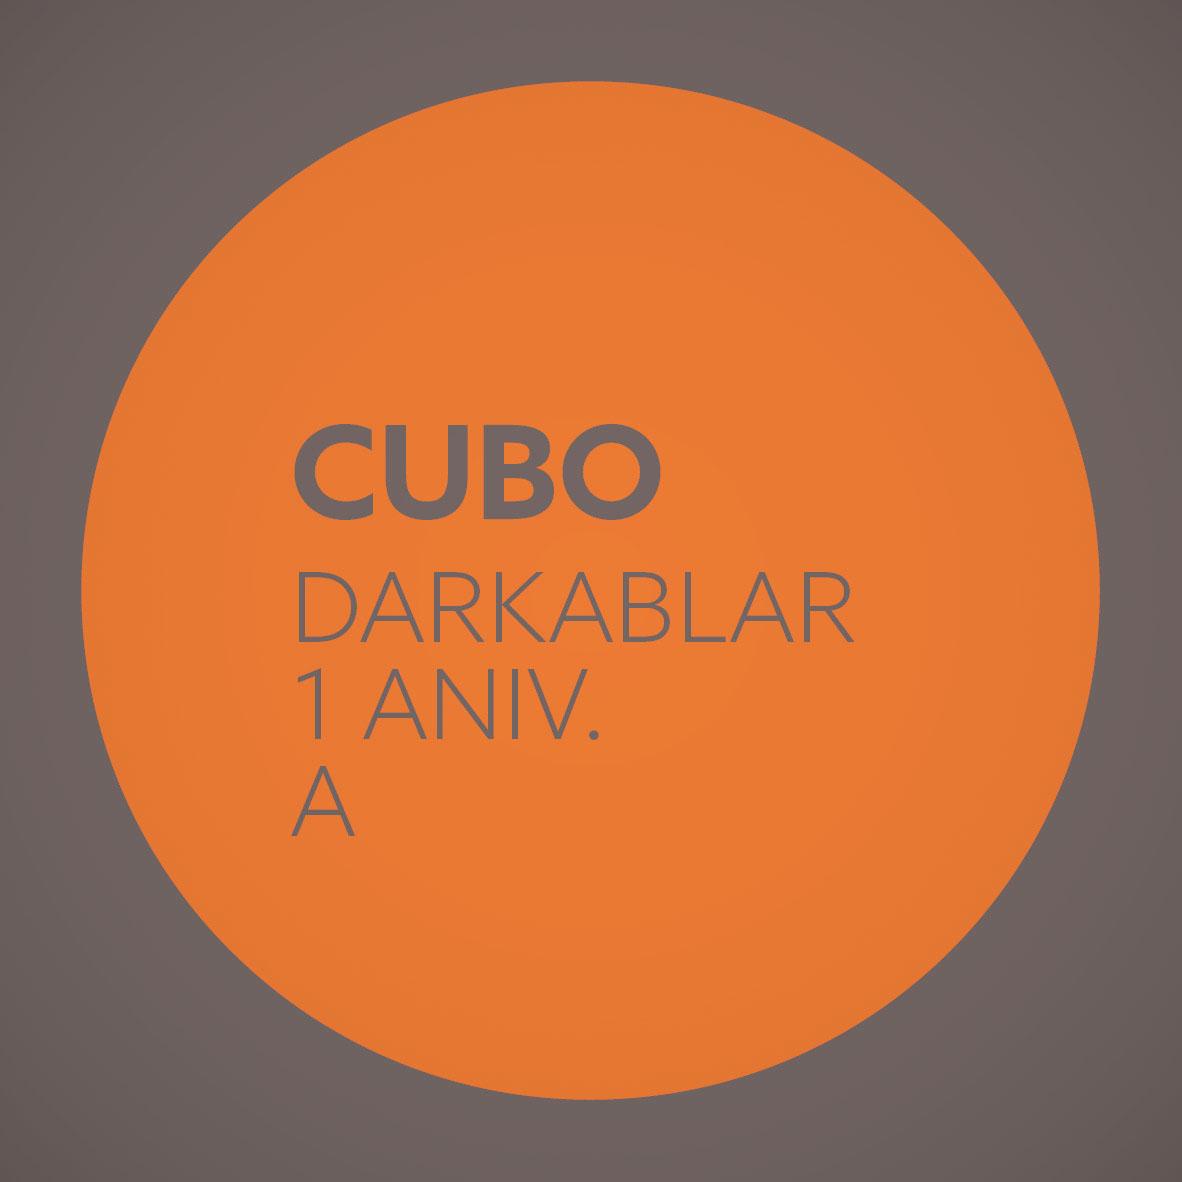 cubo_darkablar1anivA